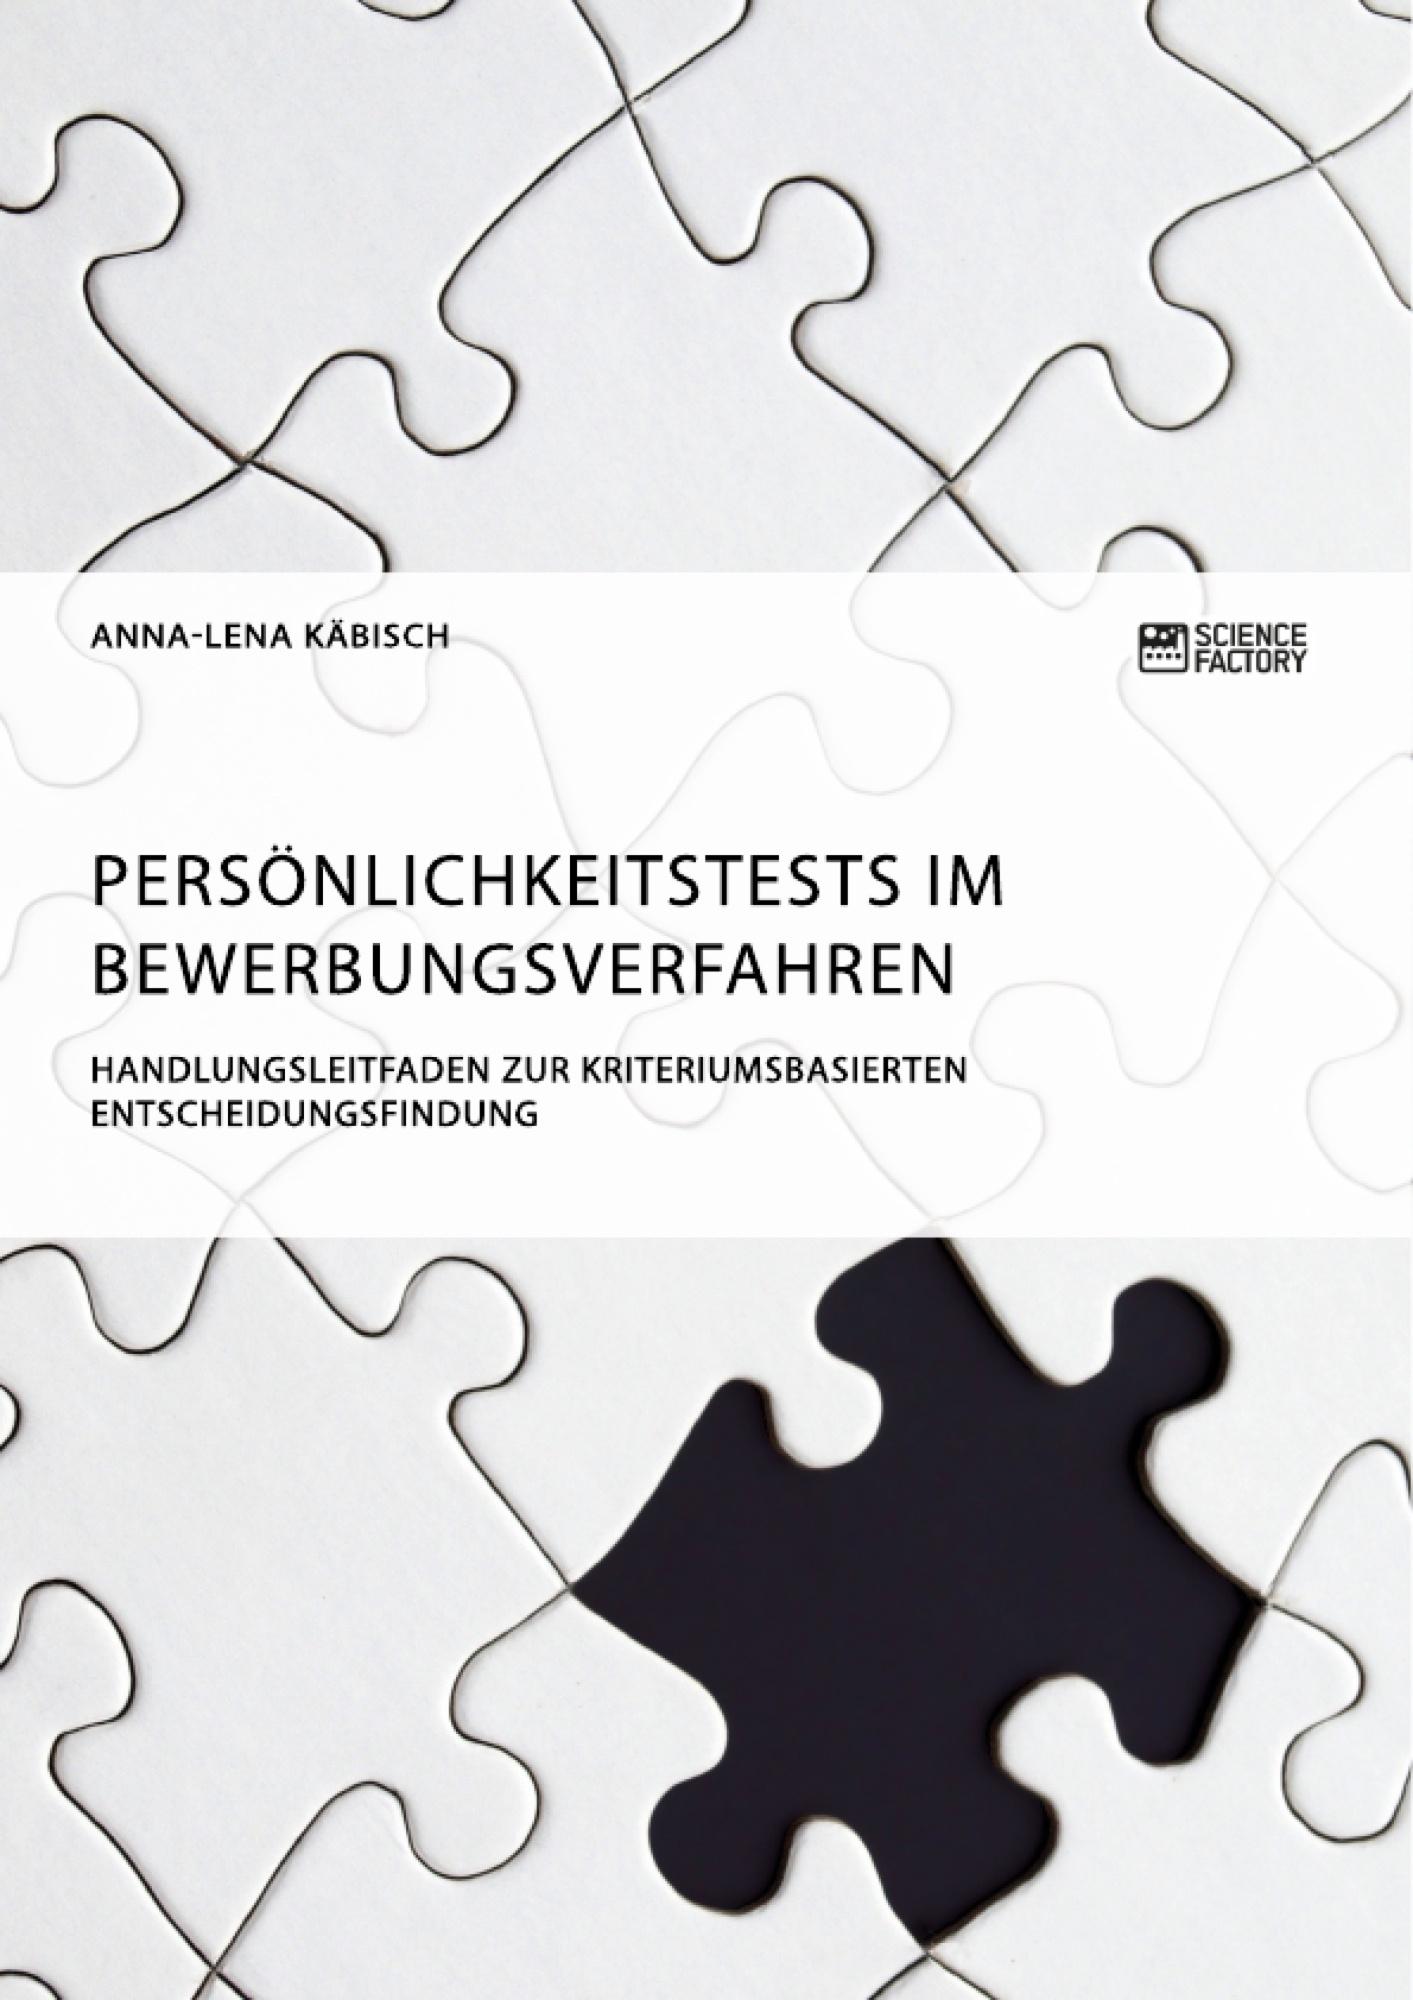 Titel: Persönlichkeitstests im Bewerbungsverfahren. Handlungsleitfaden zur kriteriumsbasierten Entscheidungsfindung